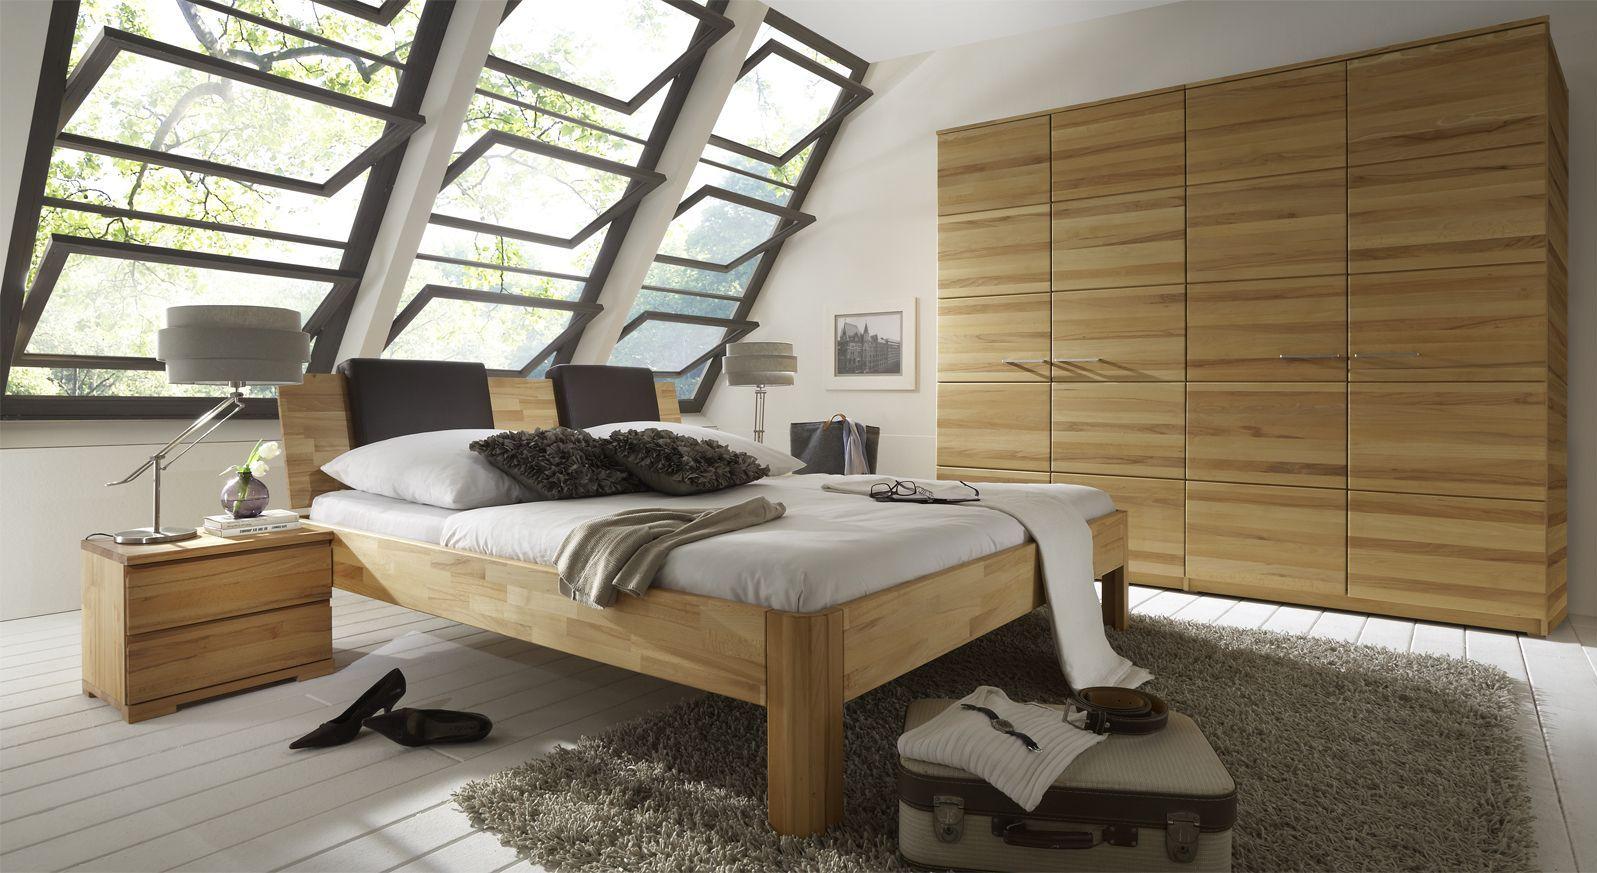 Komplett Schlafzimmer Mit Bett In Z.B. 140x200 Cm